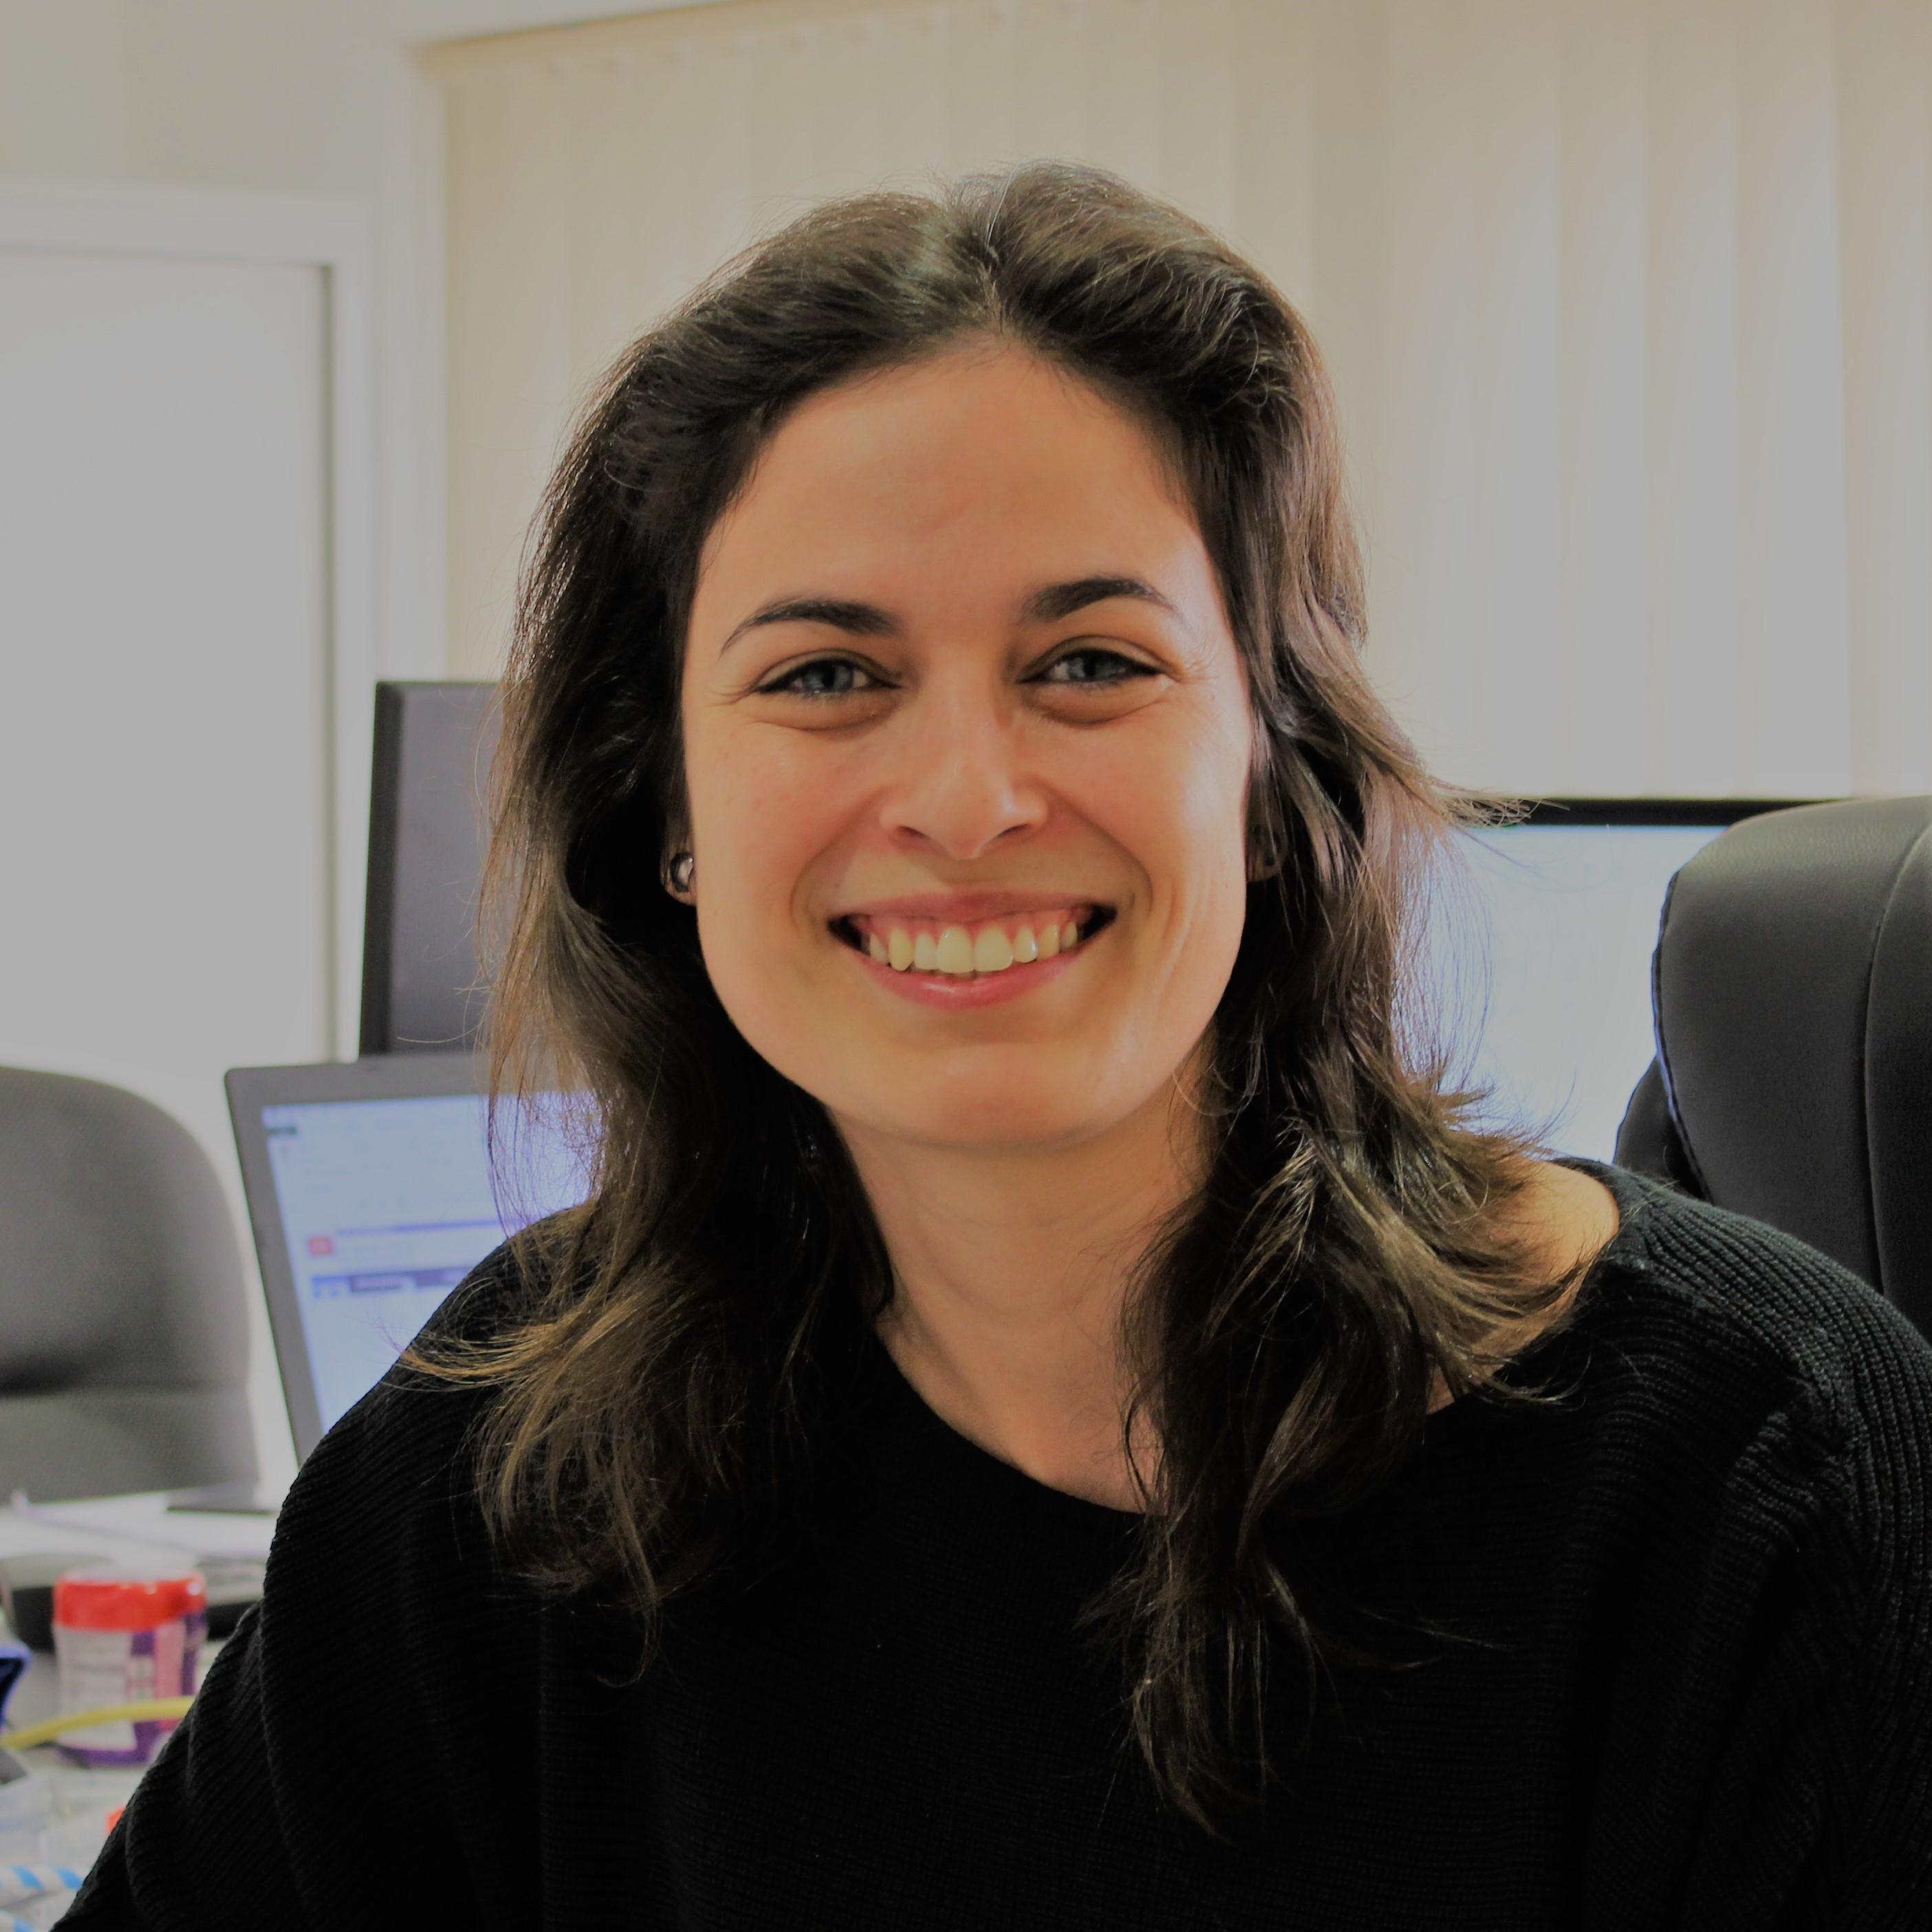 Teresa Vairinhos